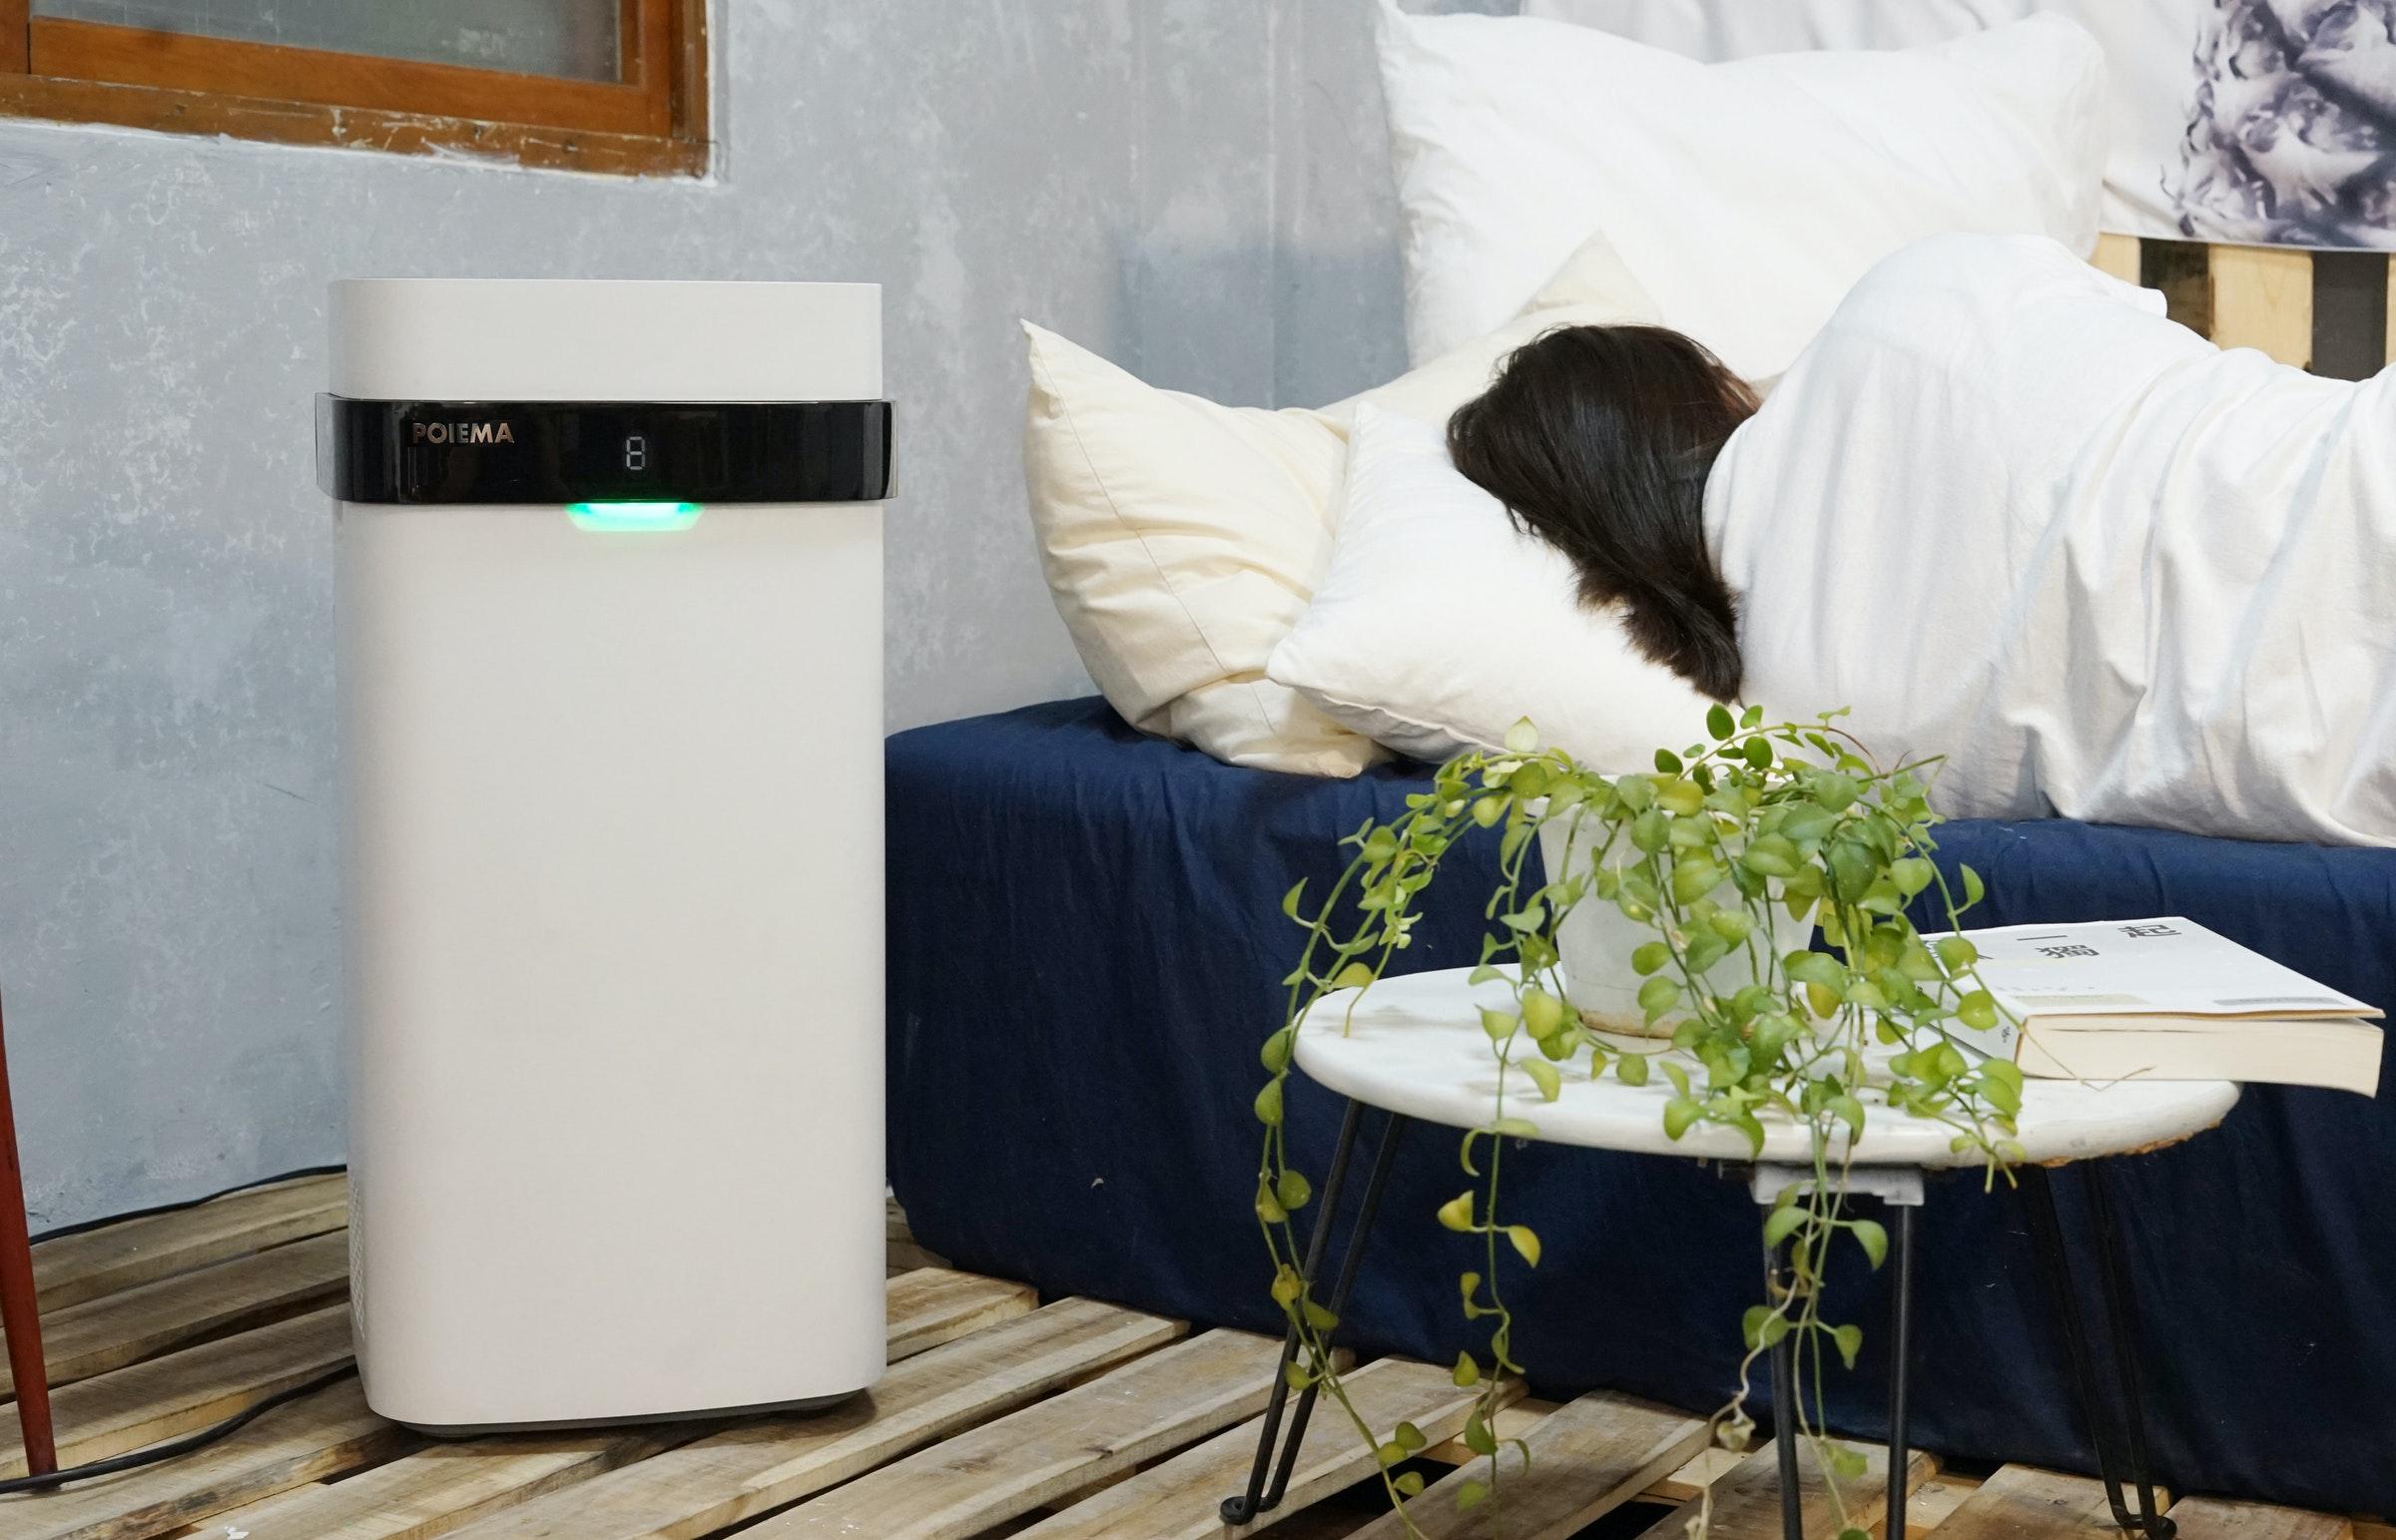 照片中提到了POIEMA,包含了房間、表、室內設計服務、家具類、產品設計